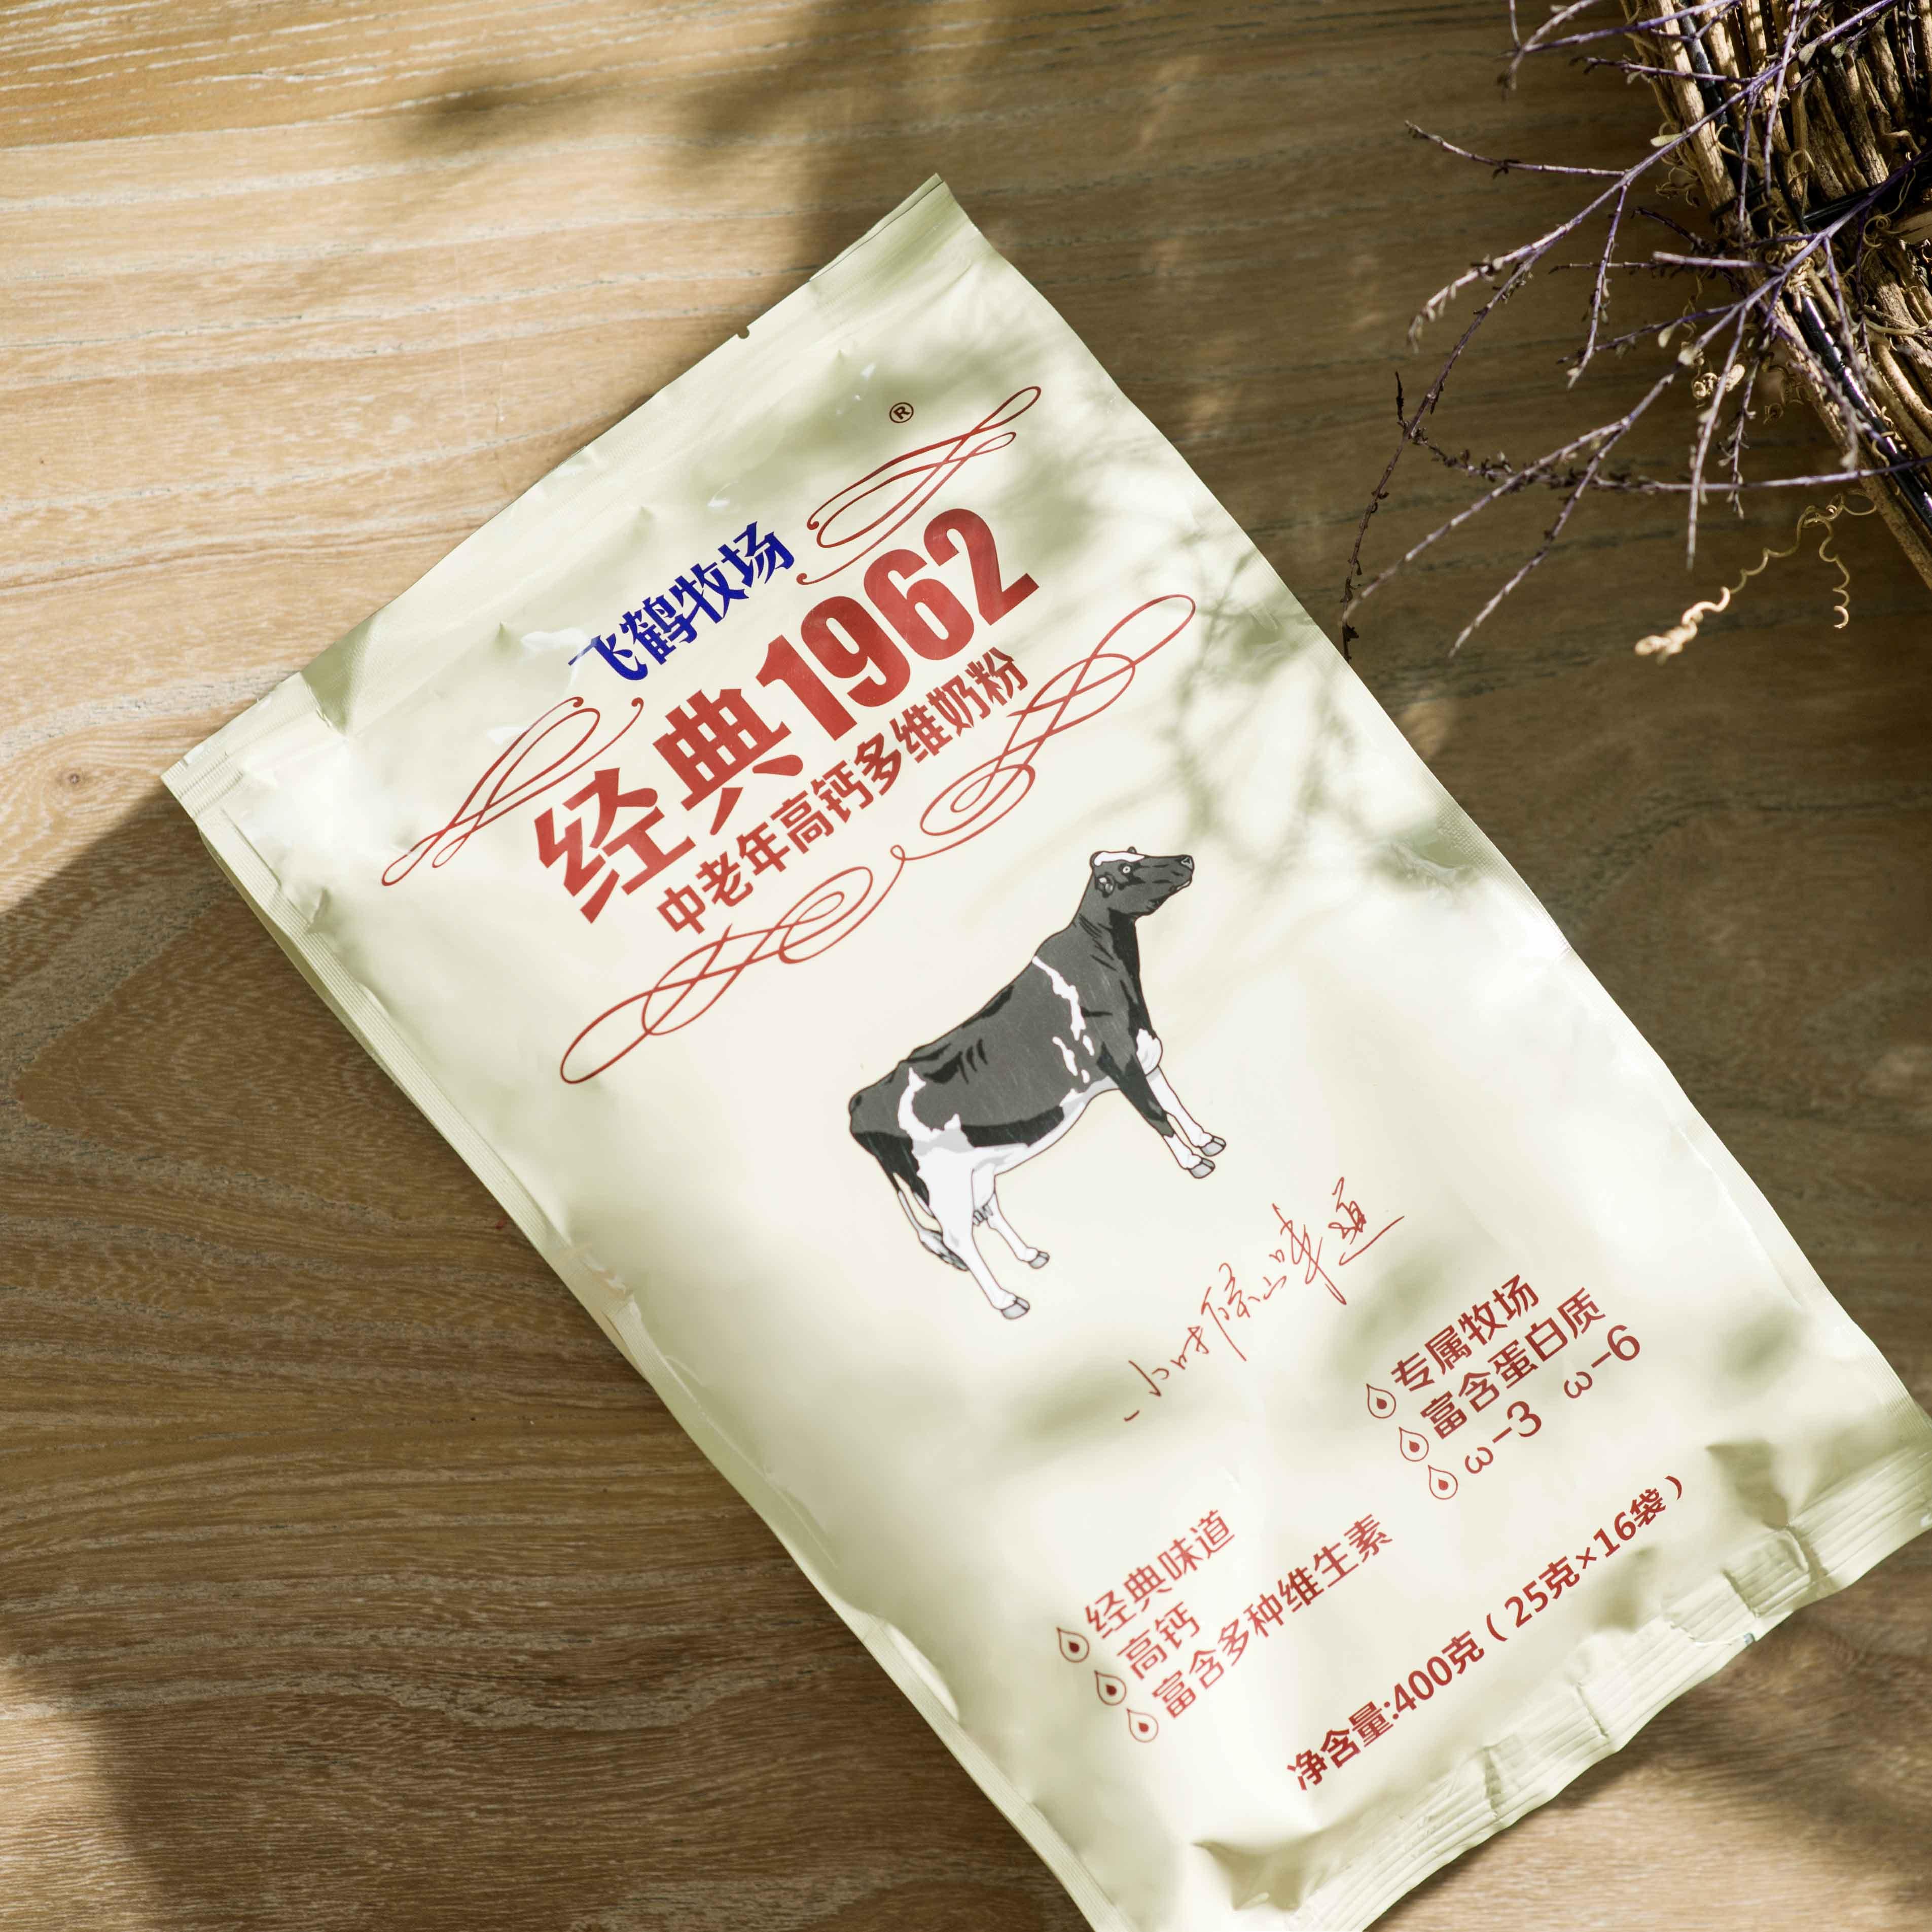 飞鹤牧场经典1962中老年中年中老年人高钙多维奶粉袋装400g牛奶粉